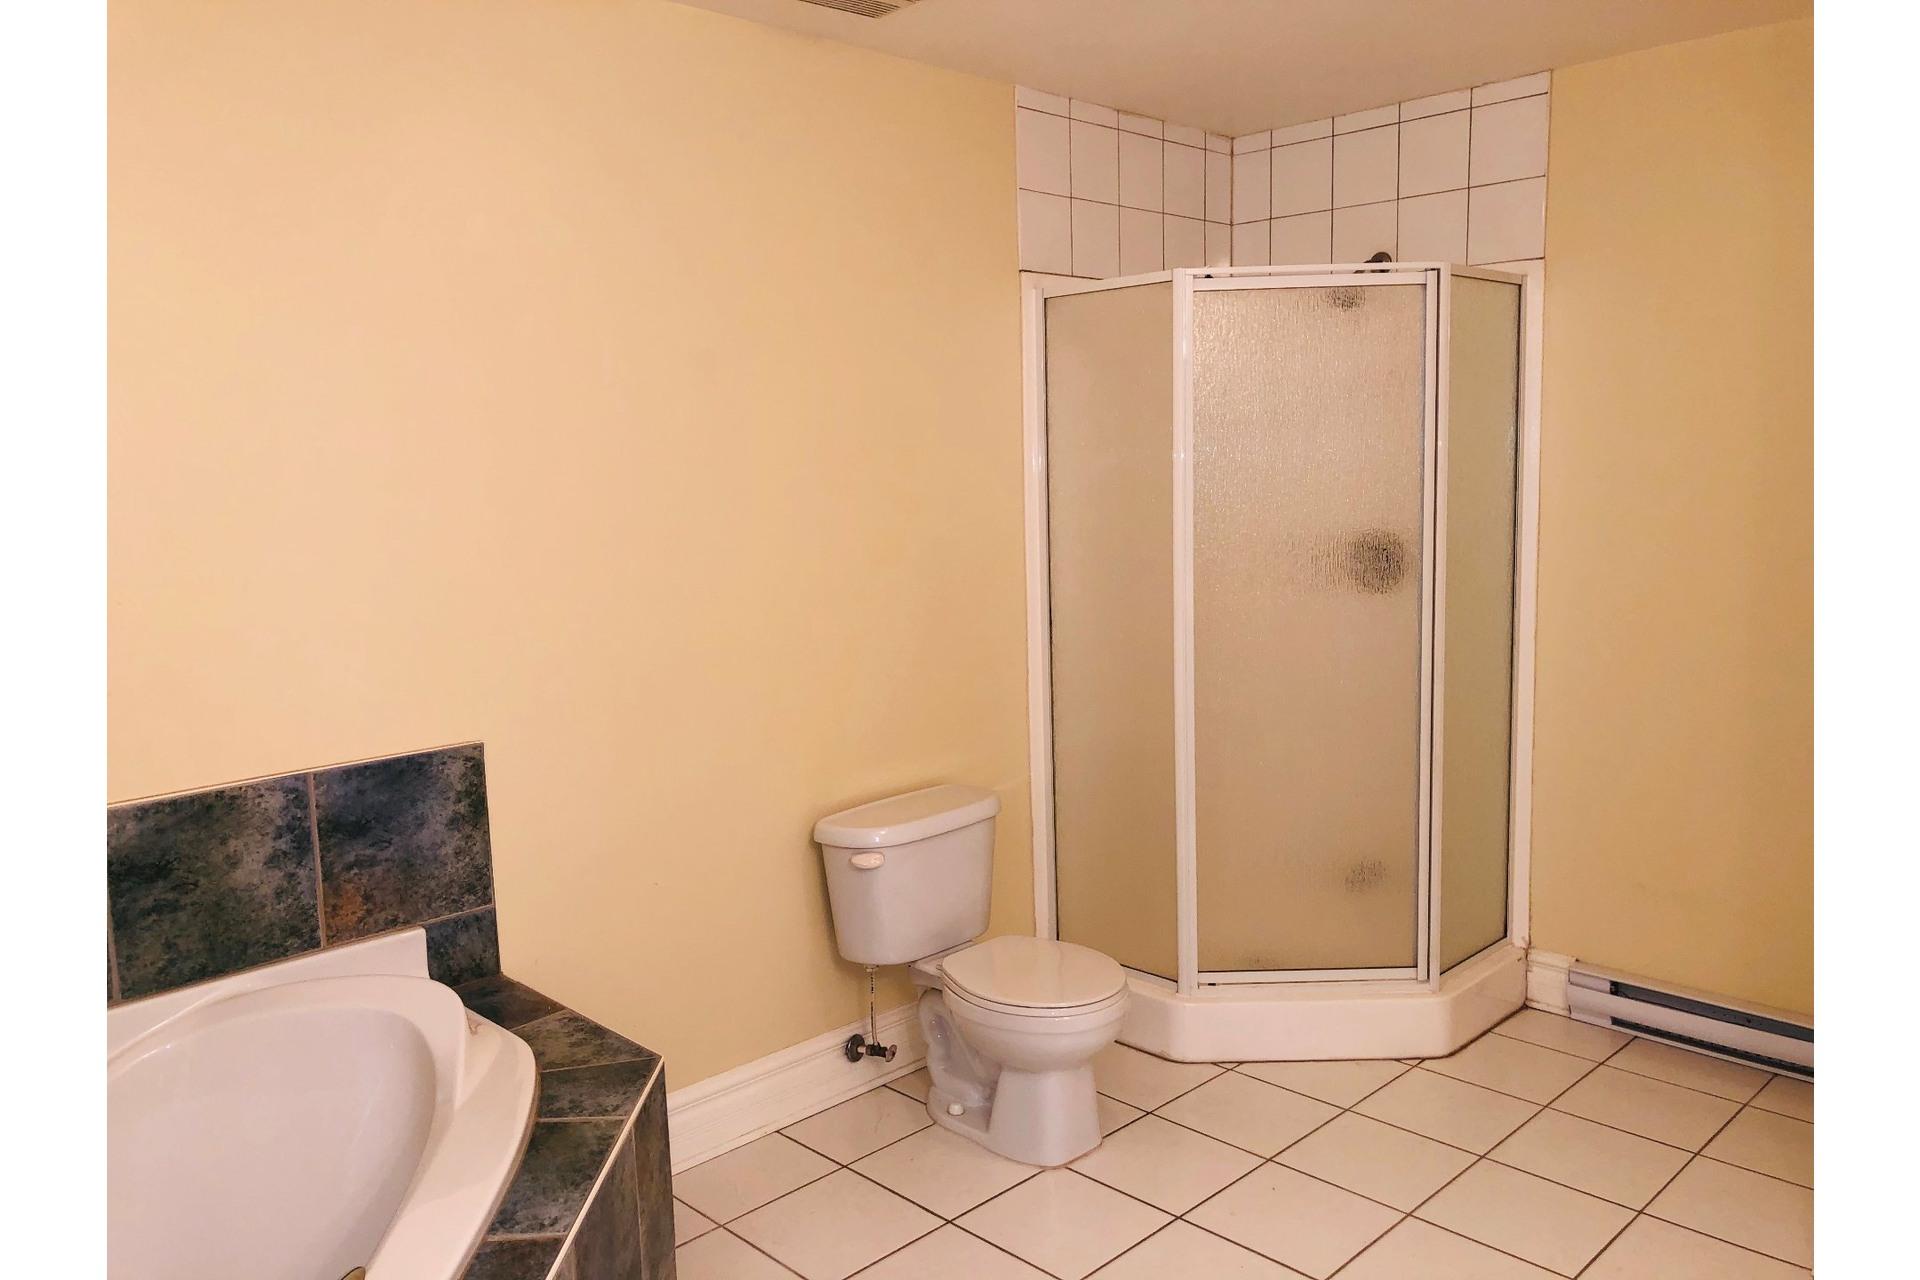 image 15 - Apartment For rent Ville-Marie Montréal  - 9 rooms